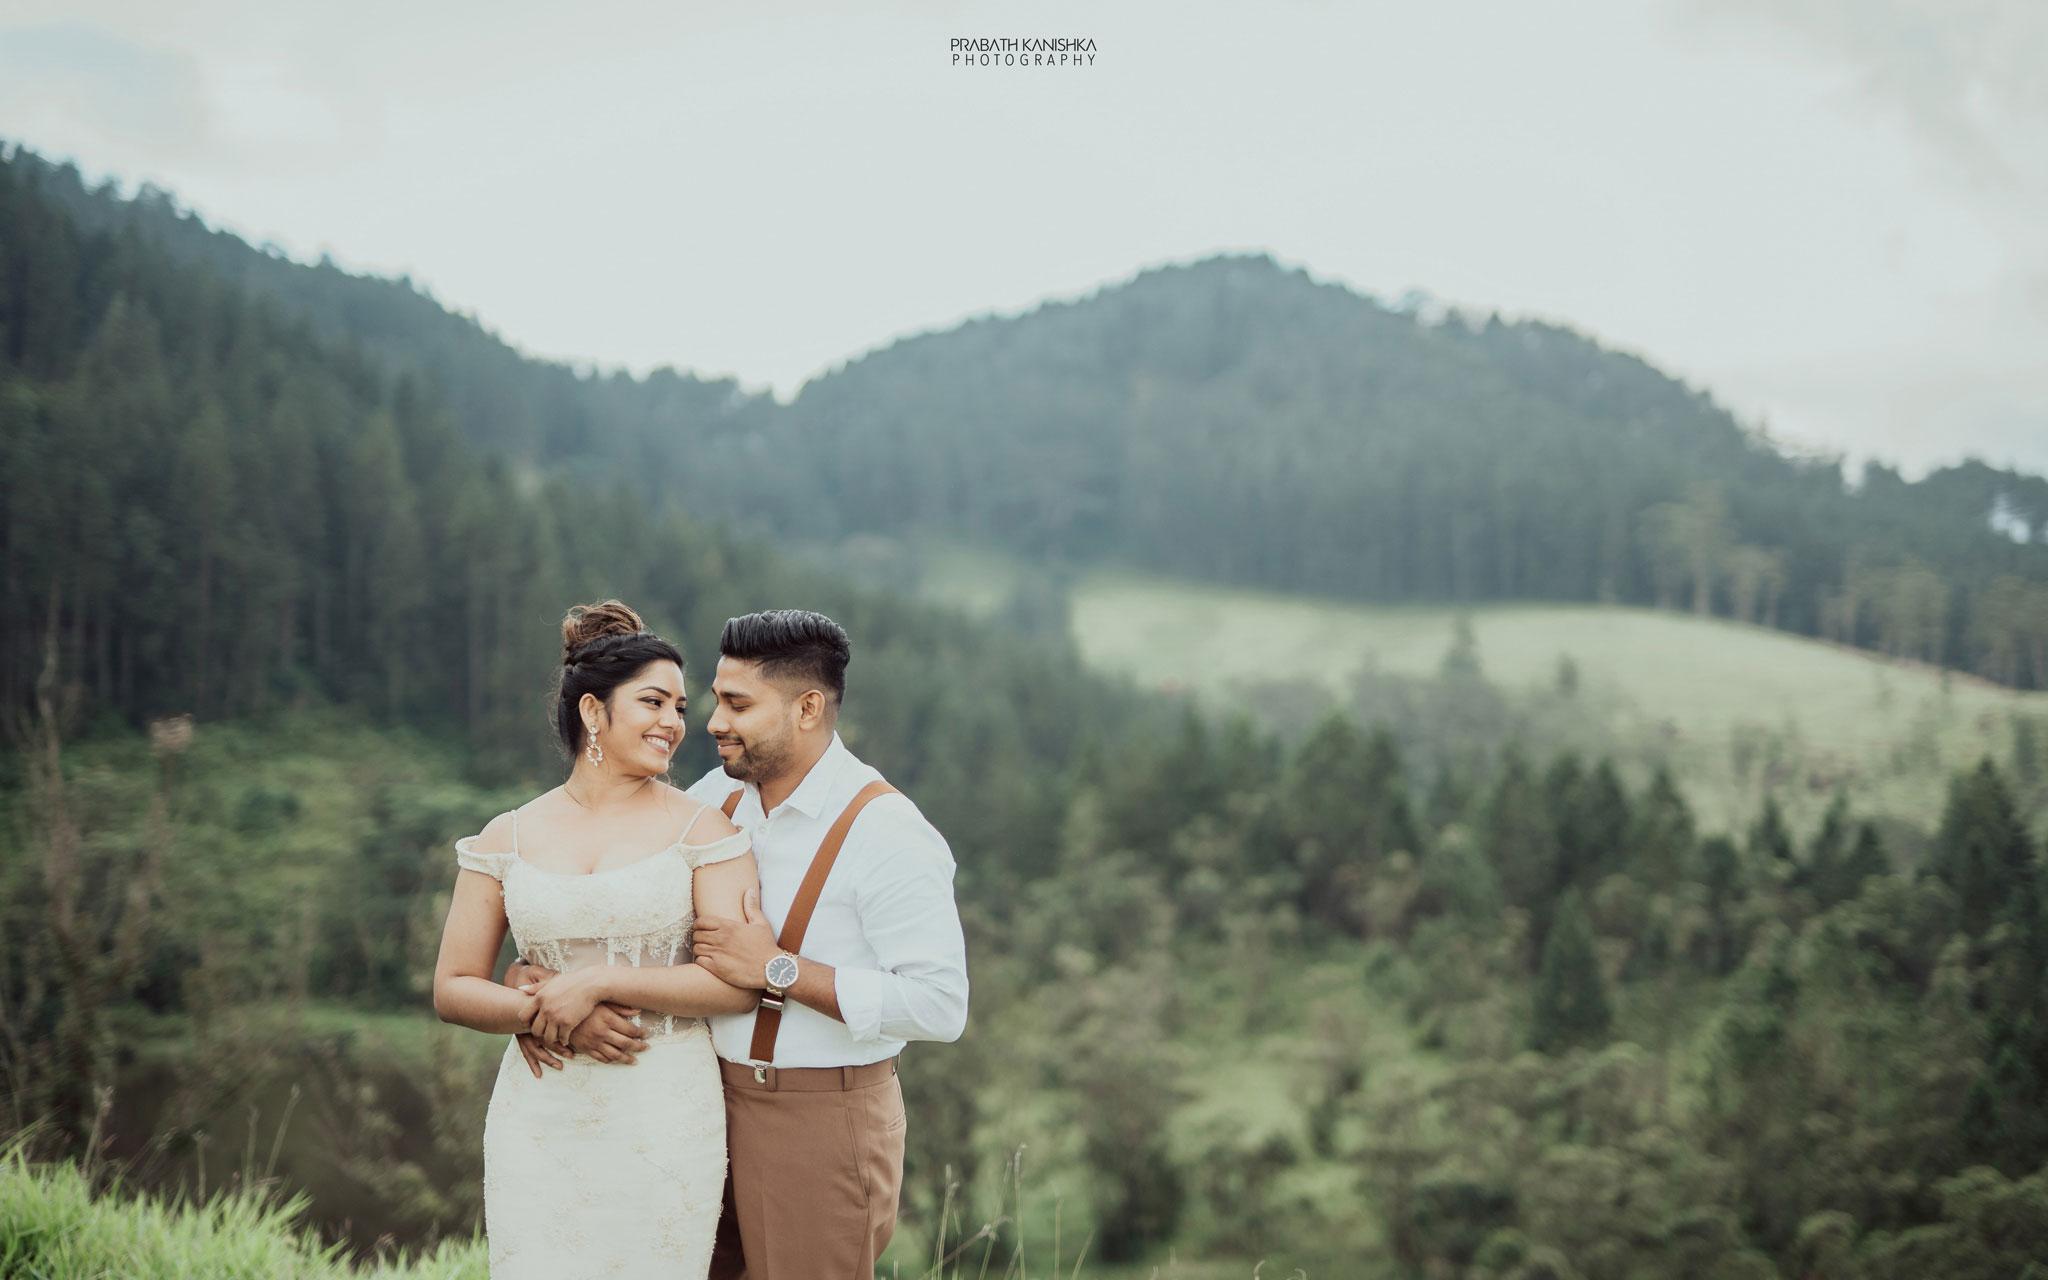 Dilusha & Udara - Prabath Kanishka Wedding Photography